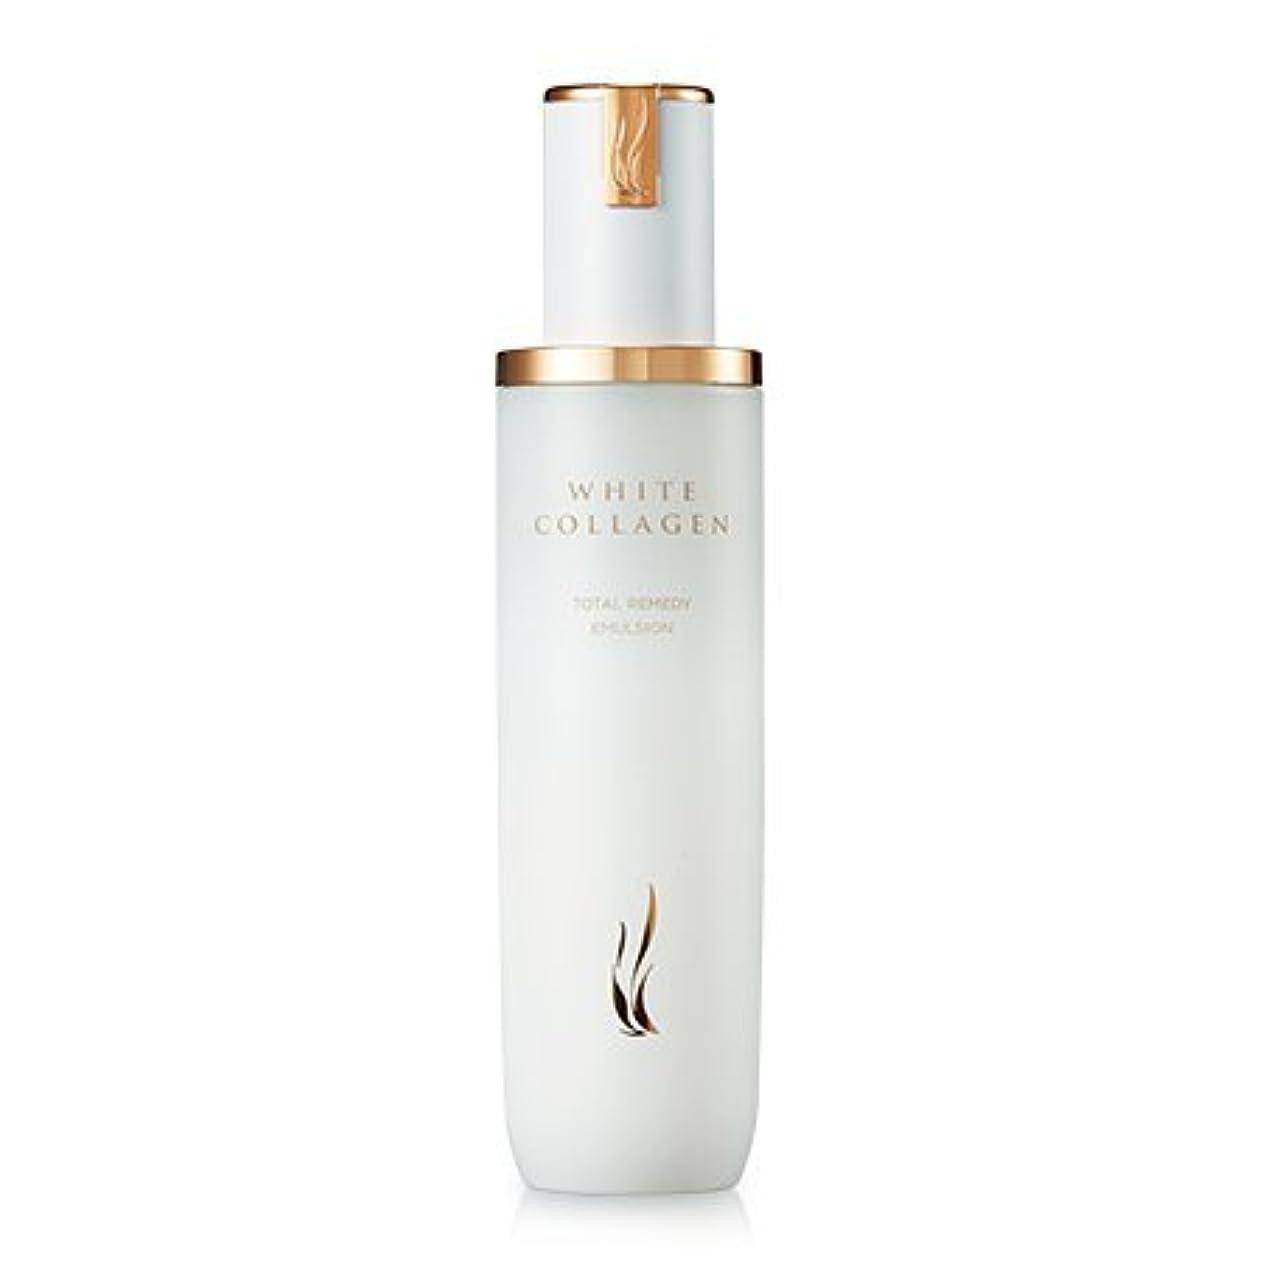 エーカー弱点条件付き[New] A.H.C (AHC) White Collagen Total Remedy Emulsion 130ml/A.H.C ホワイト コラーゲン トータル レミディ エマルジョン 130ml [並行輸入品]